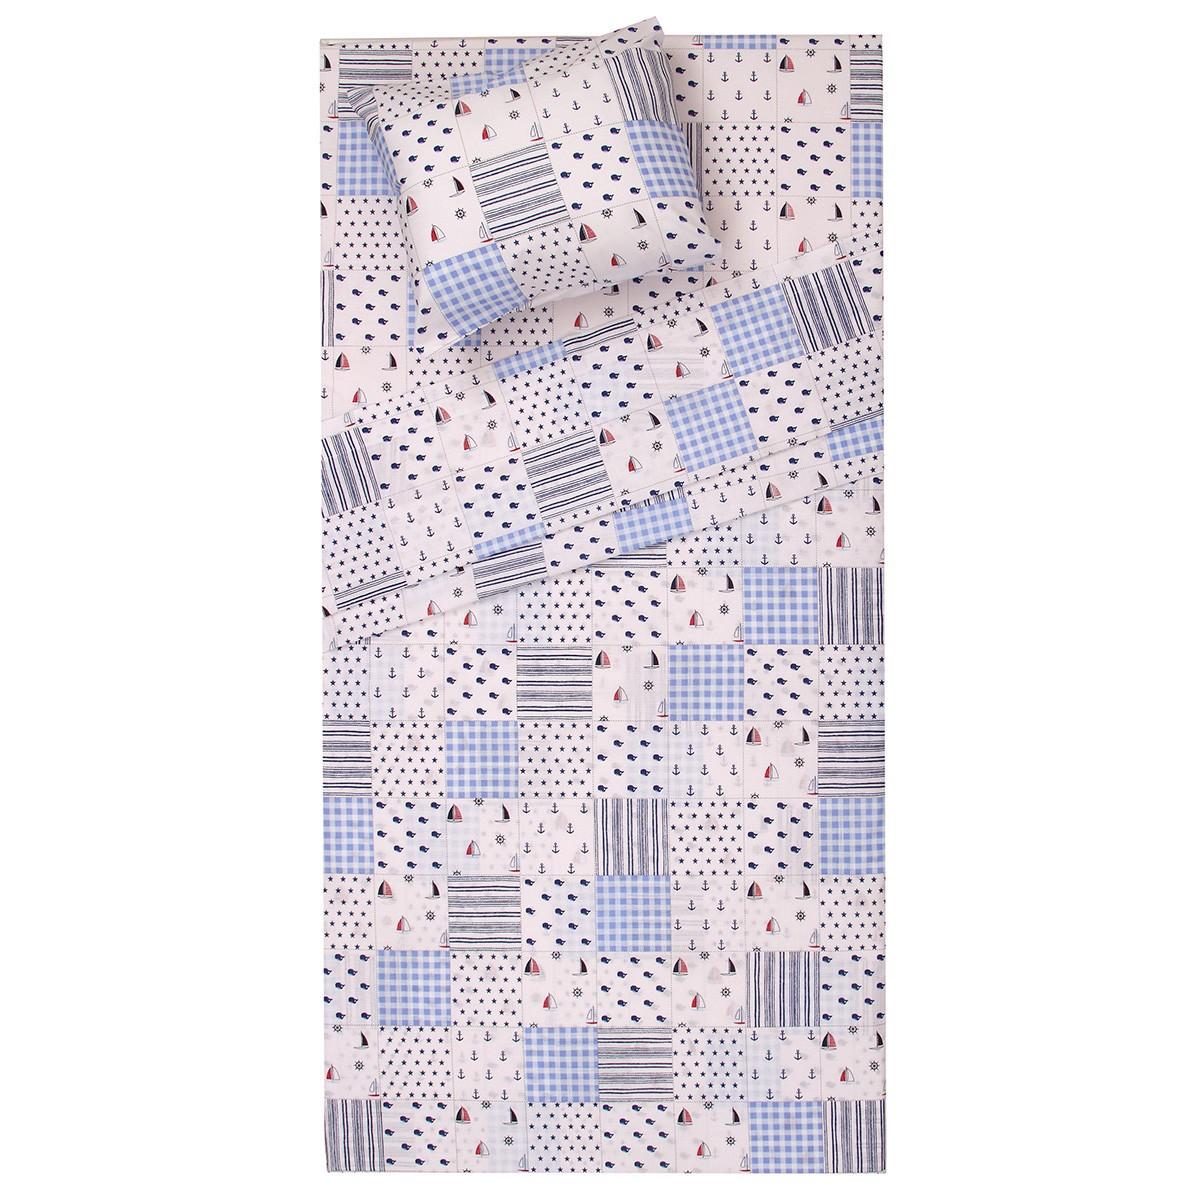 Κουβερλί Κούνιας (Σετ) Viopros Baby Cotton Κρουζ